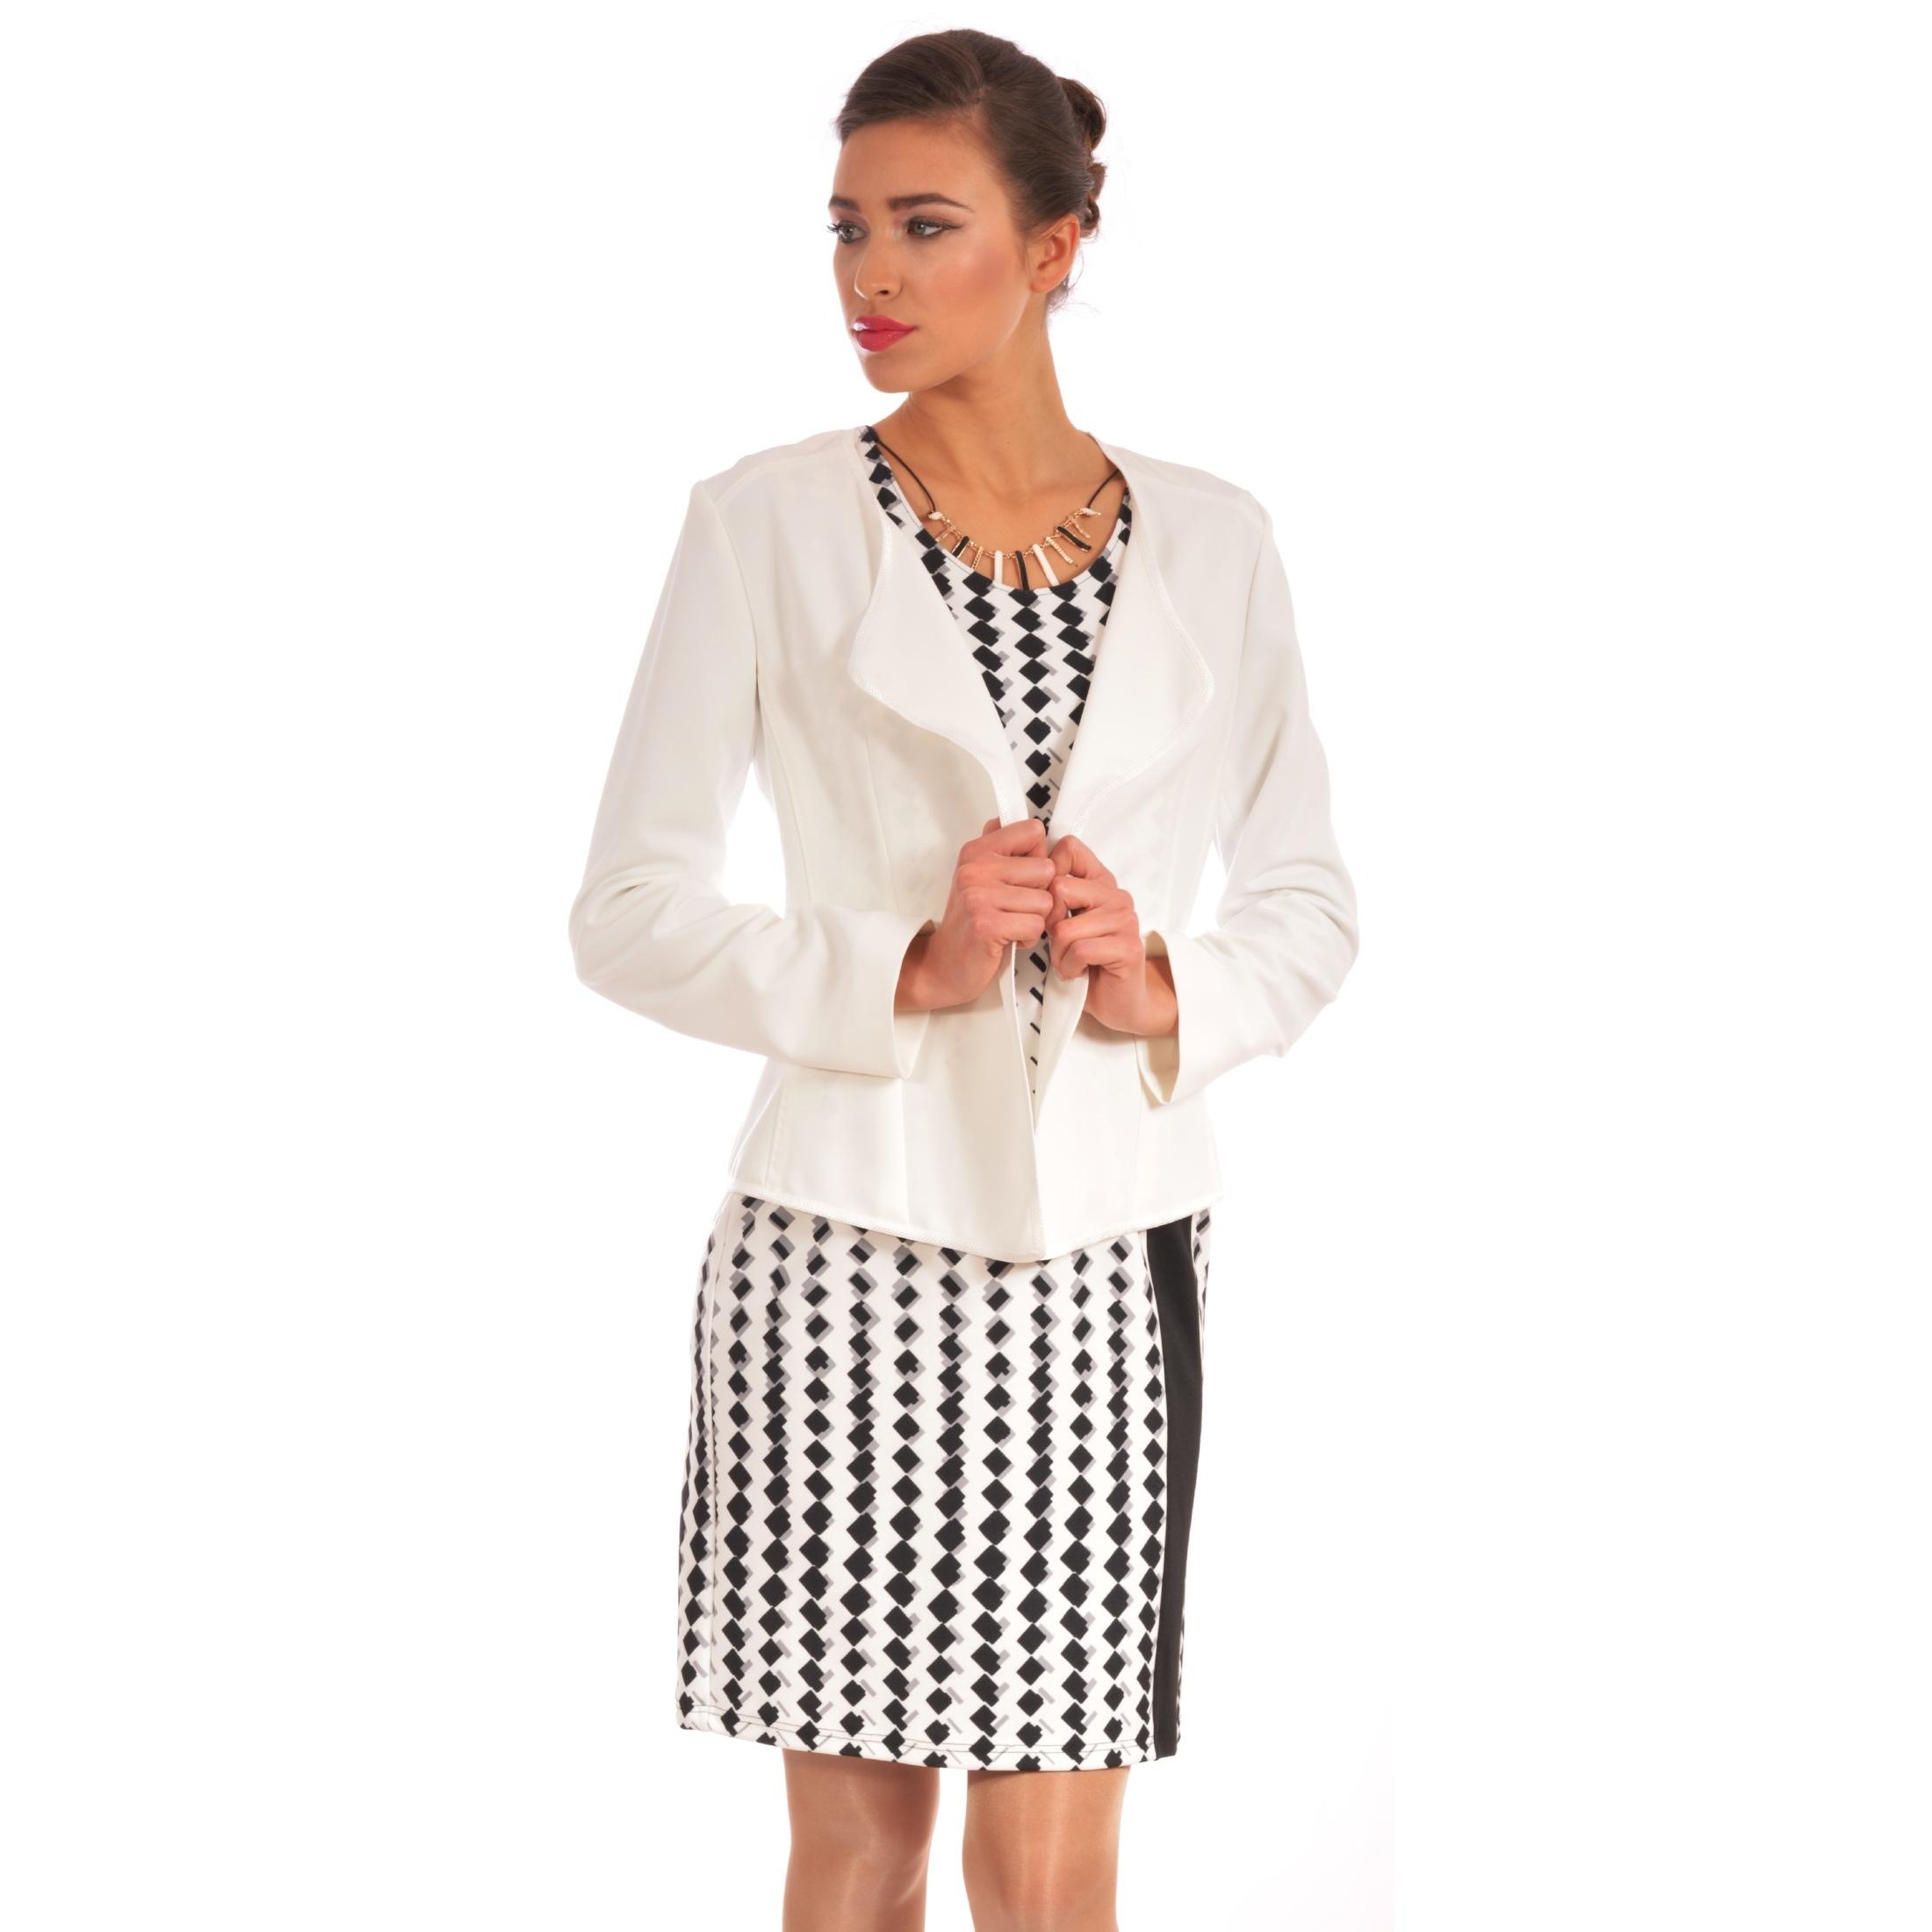 light women's blazer - ženski blejzer